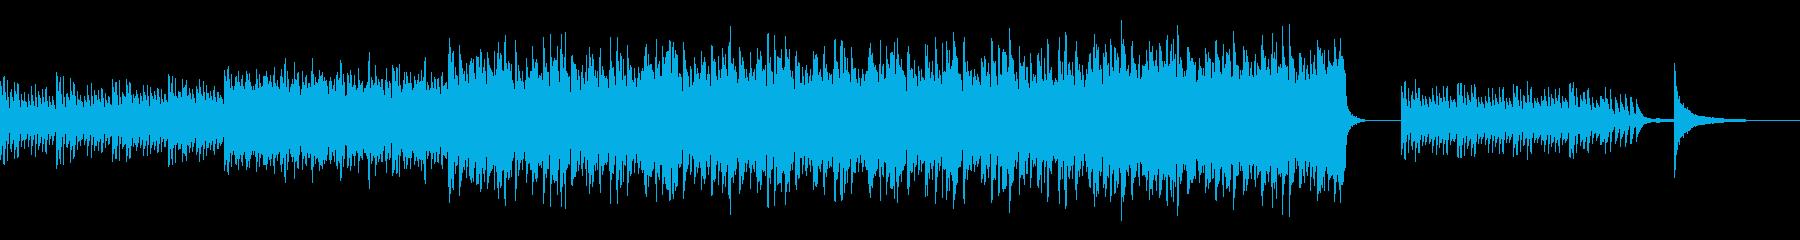 ピアノとストリングスの優しいBGMの再生済みの波形